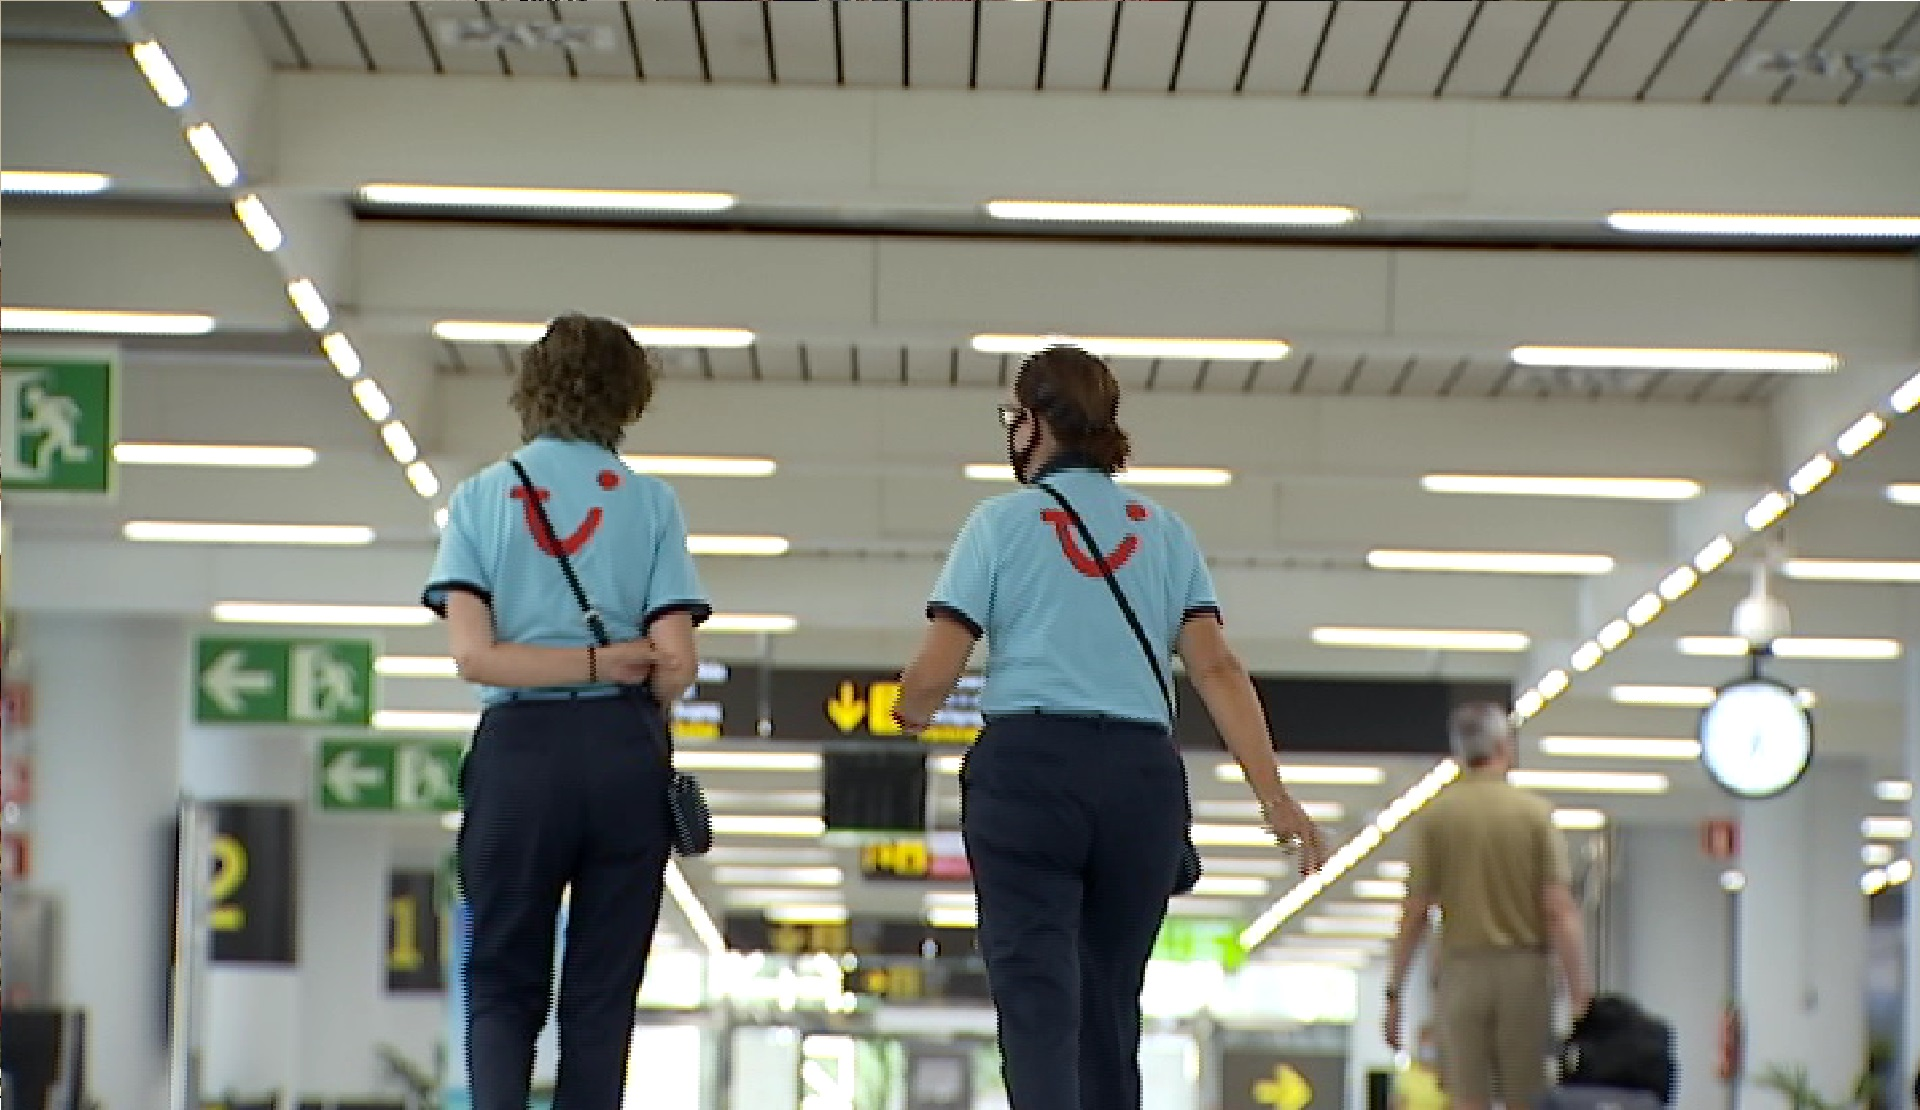 Turistes+alemanys+continuen+arribant+als+aeroports%2C+tot+i+les+mesures+restrictives